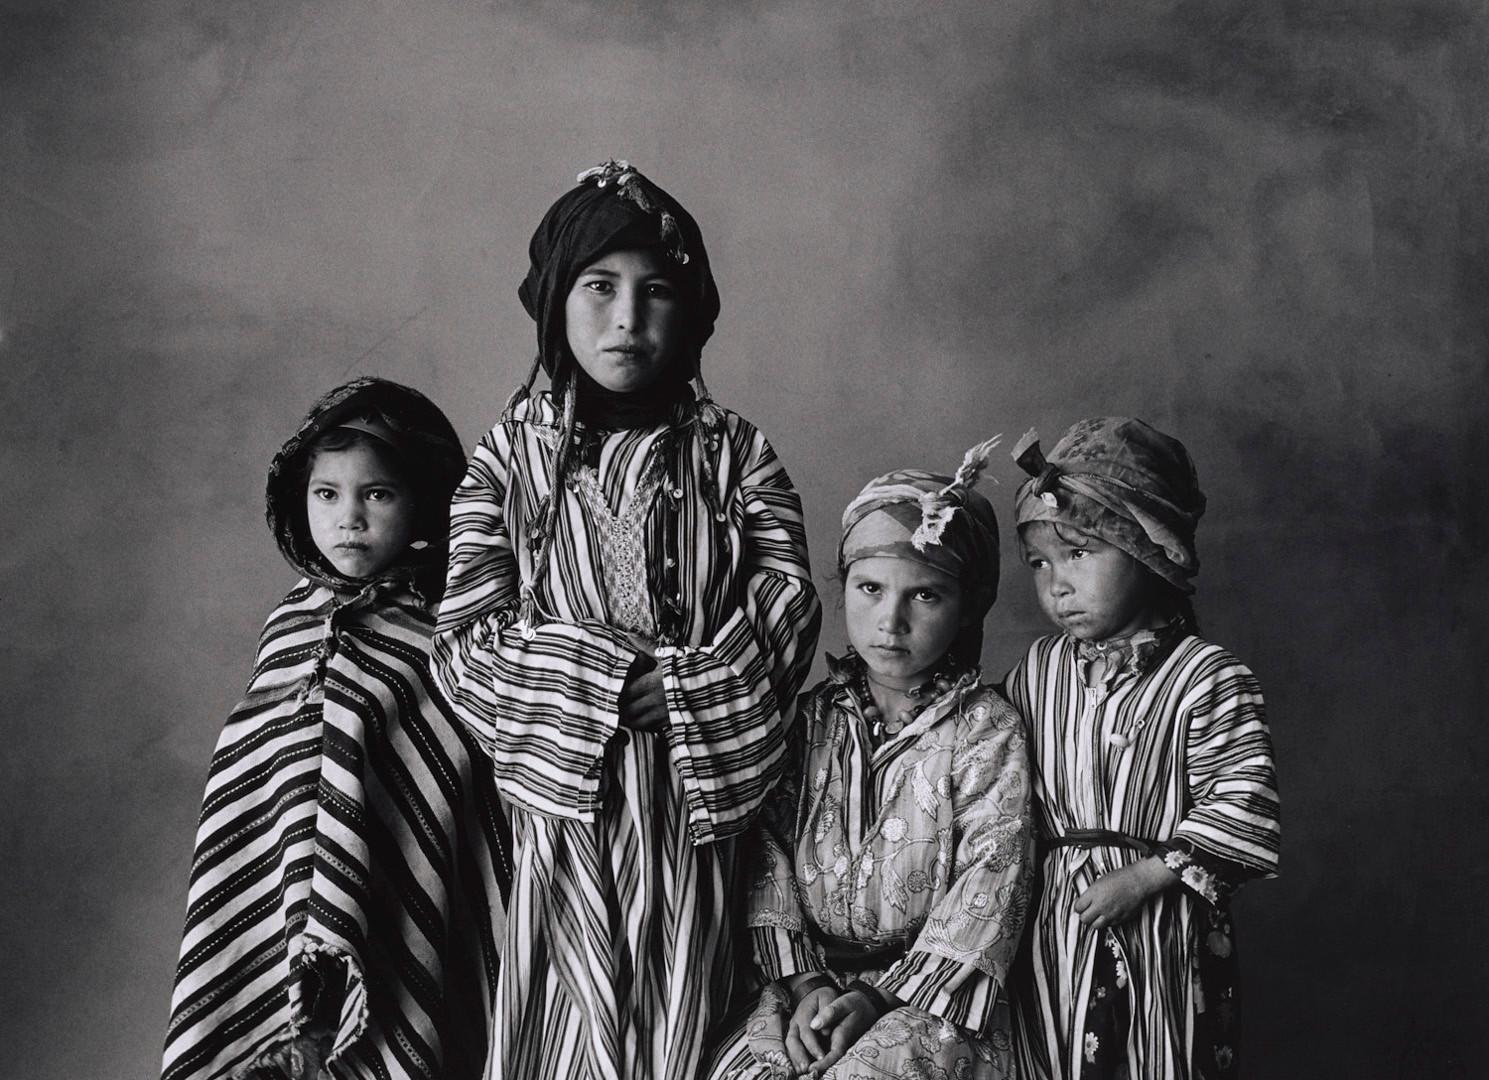 Irving Penn, Four Girl Children, Morocco, 1971